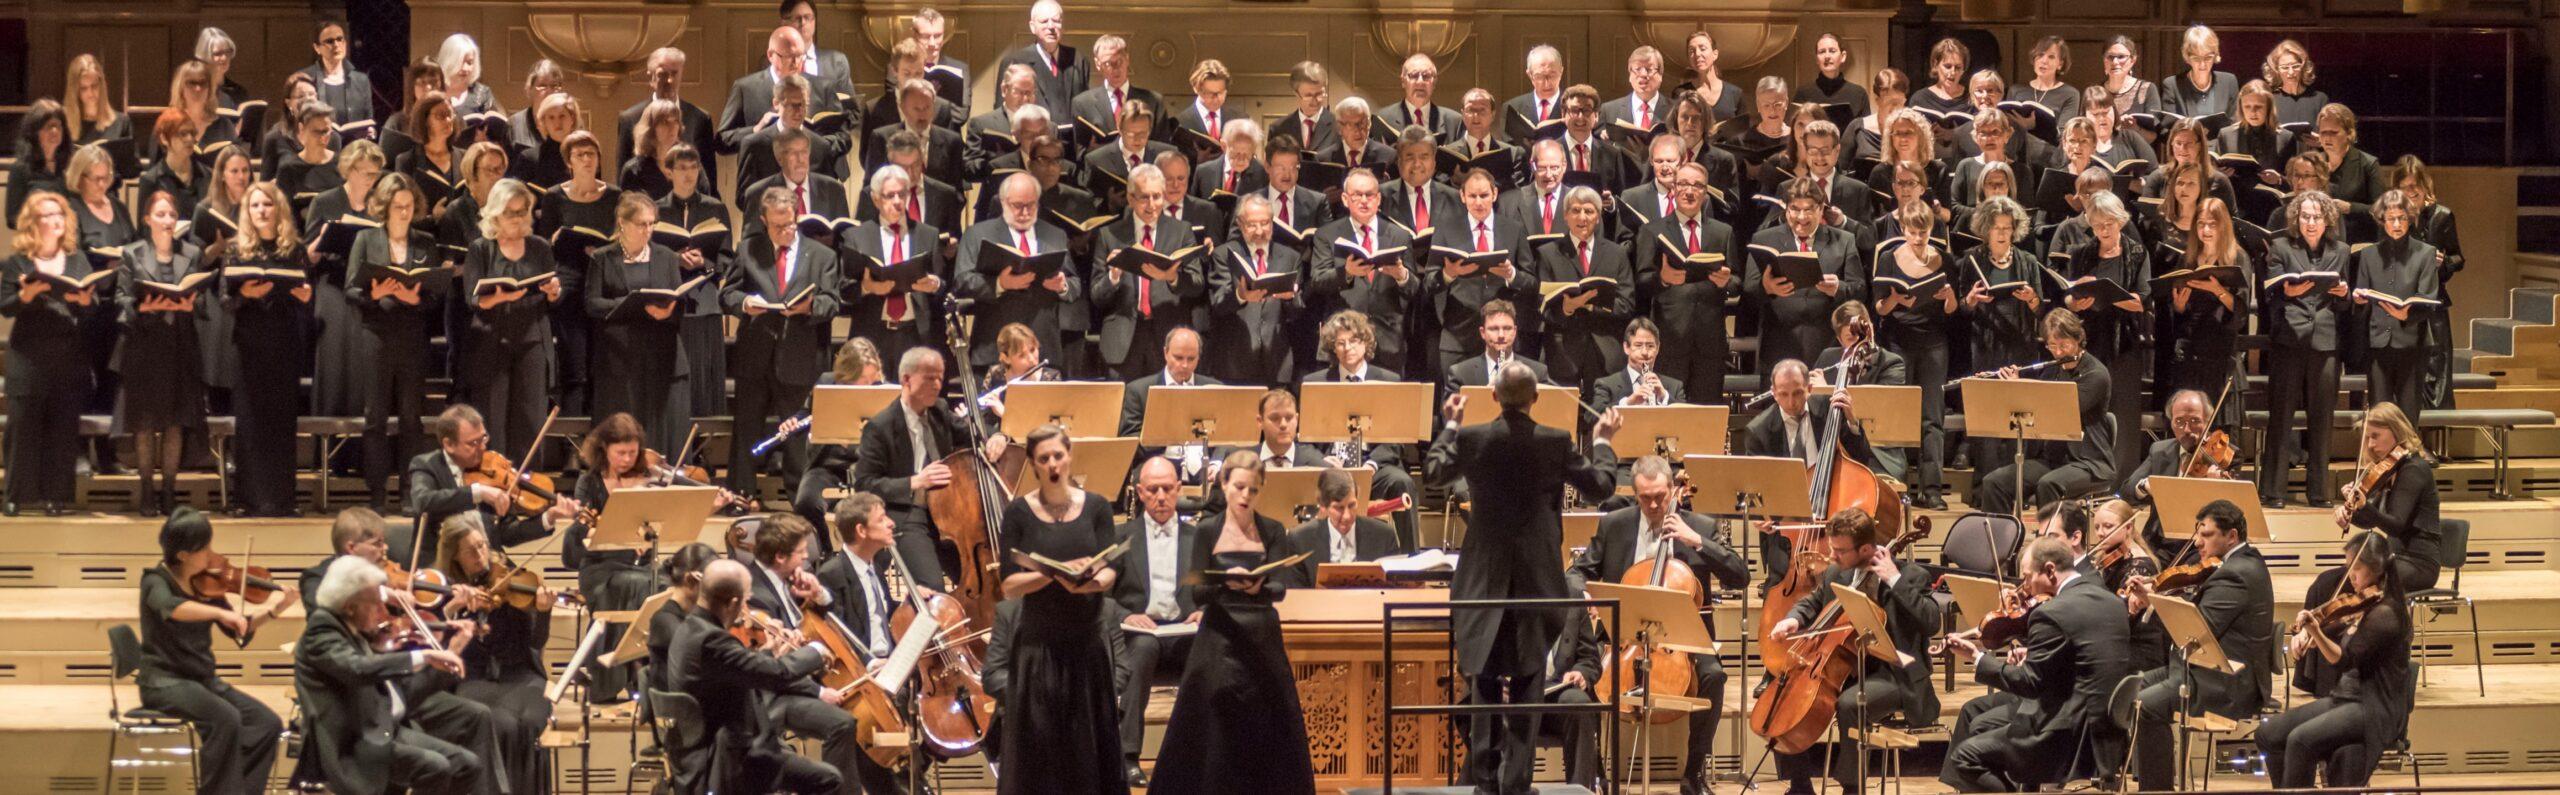 Mit Orchester, Solisten und Solistinnen